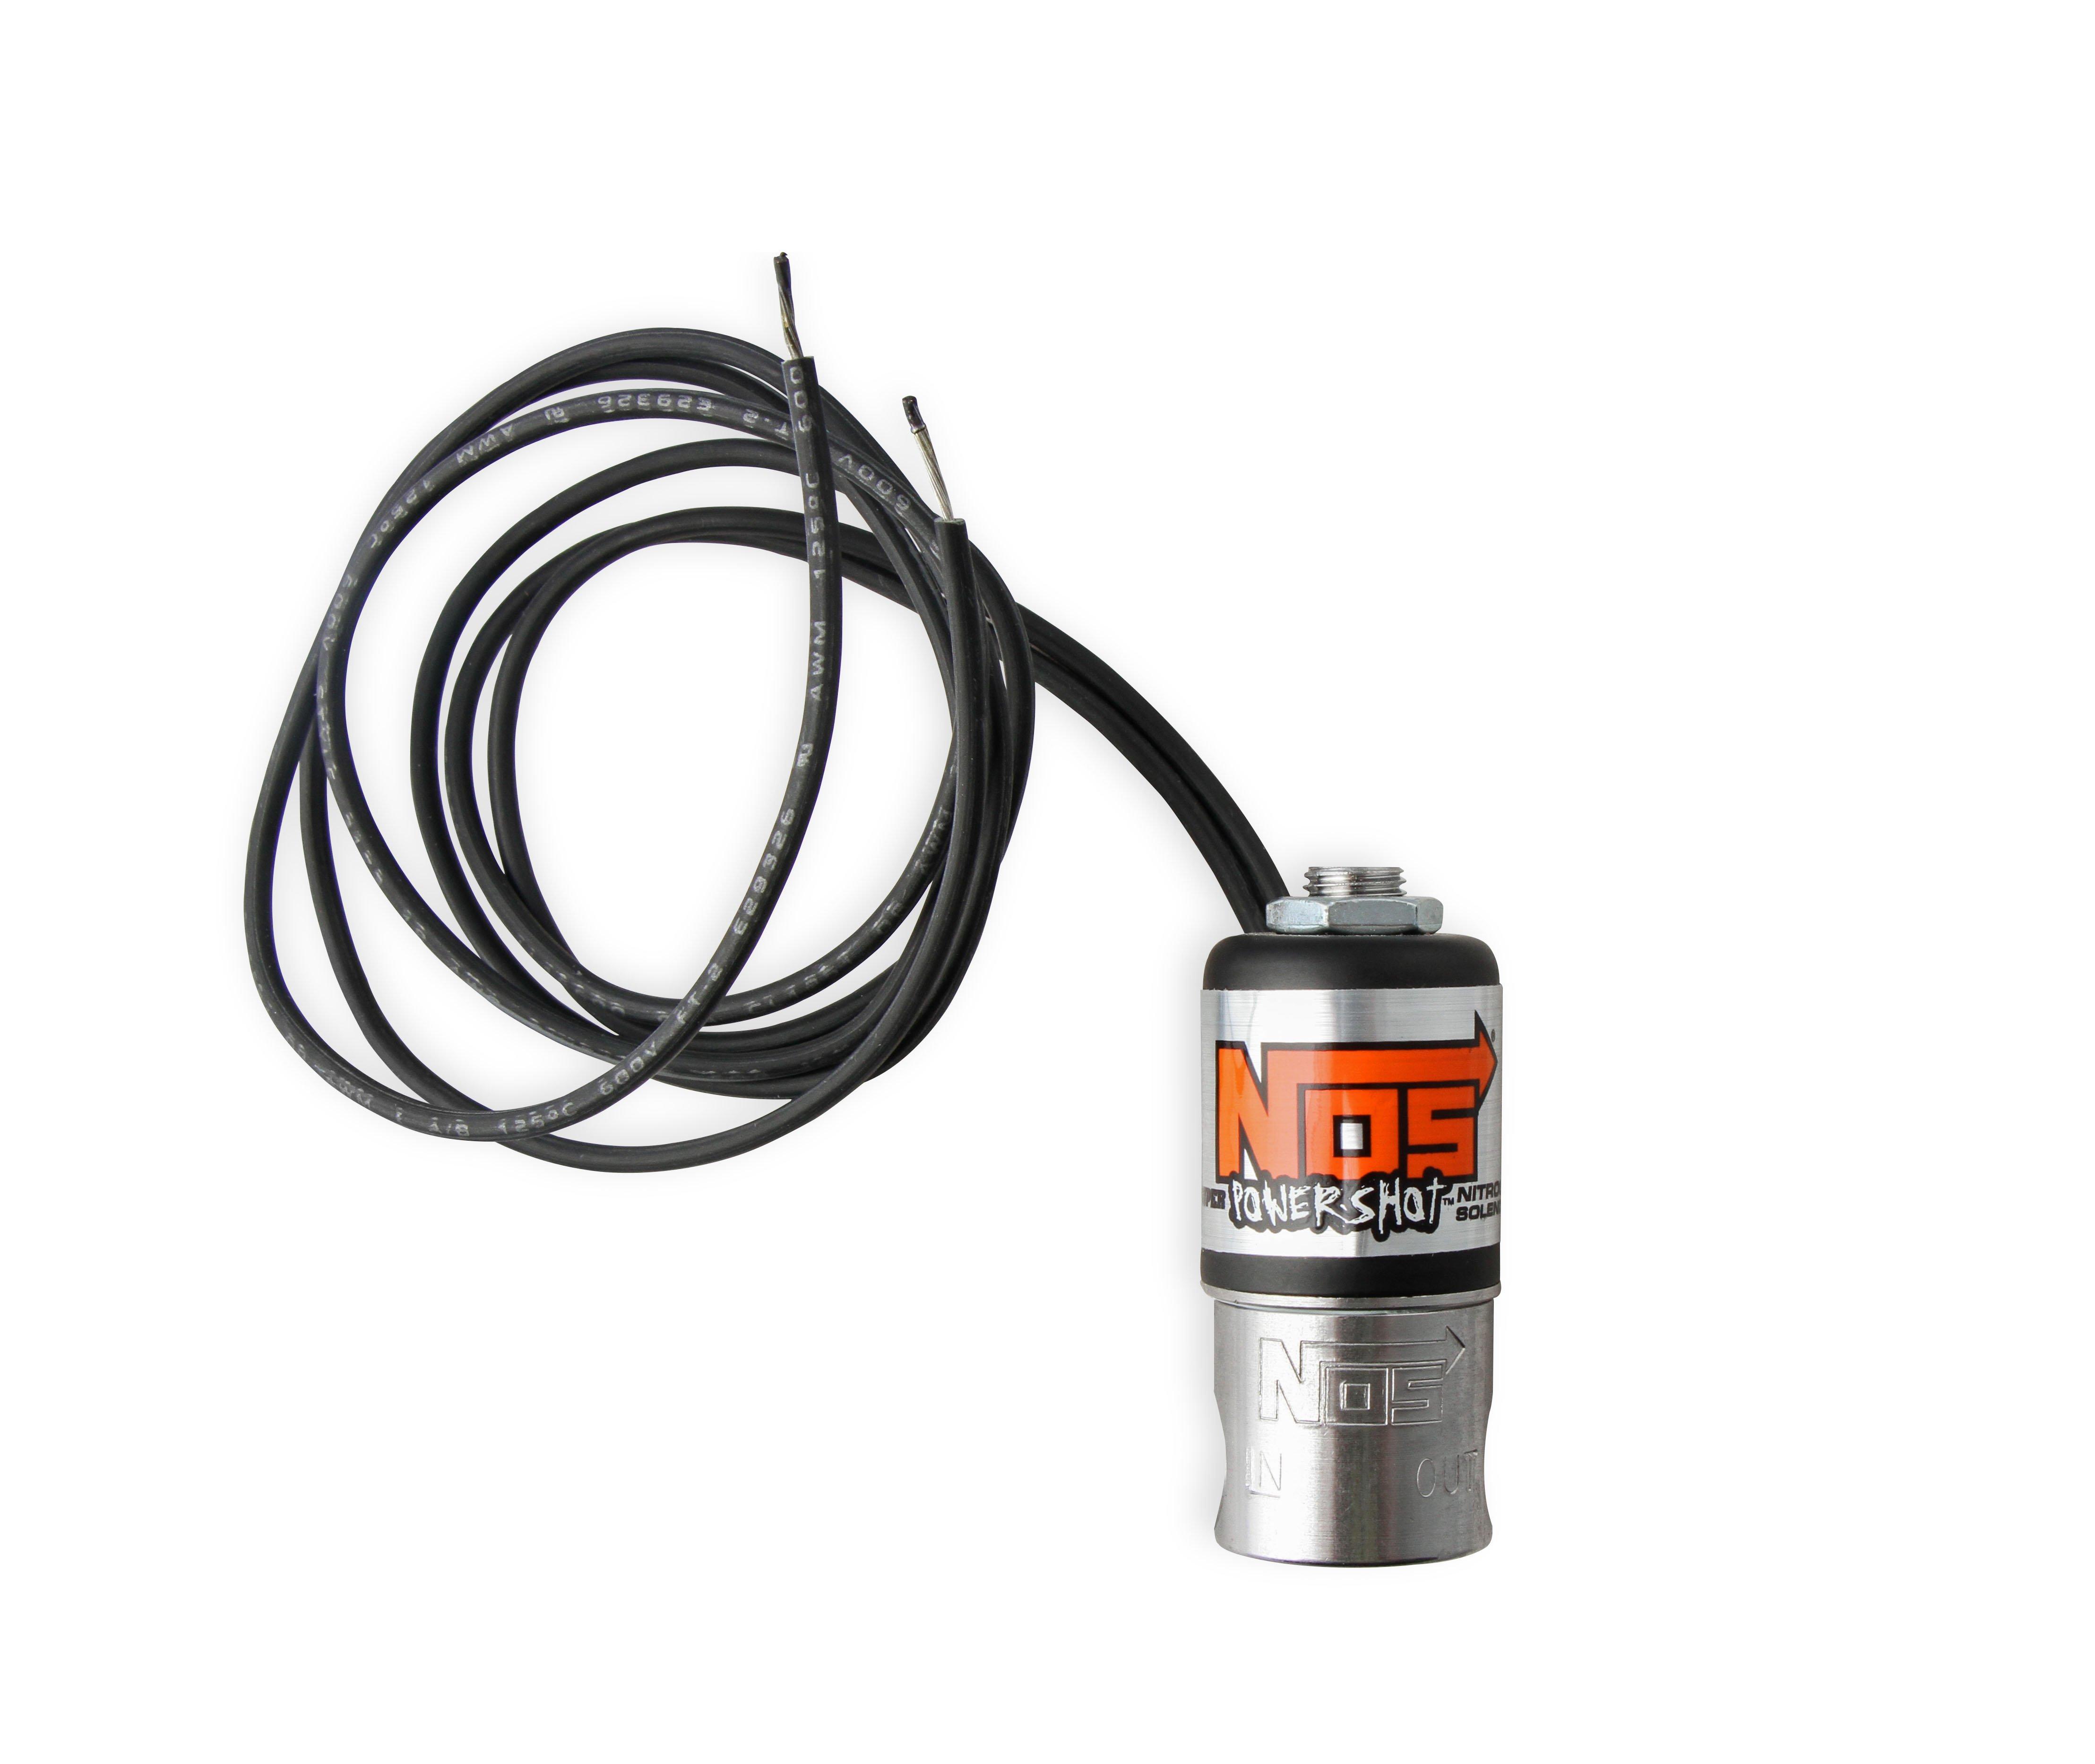 NOS 18046NOS Super Pro Shot Nitrous Solenoid